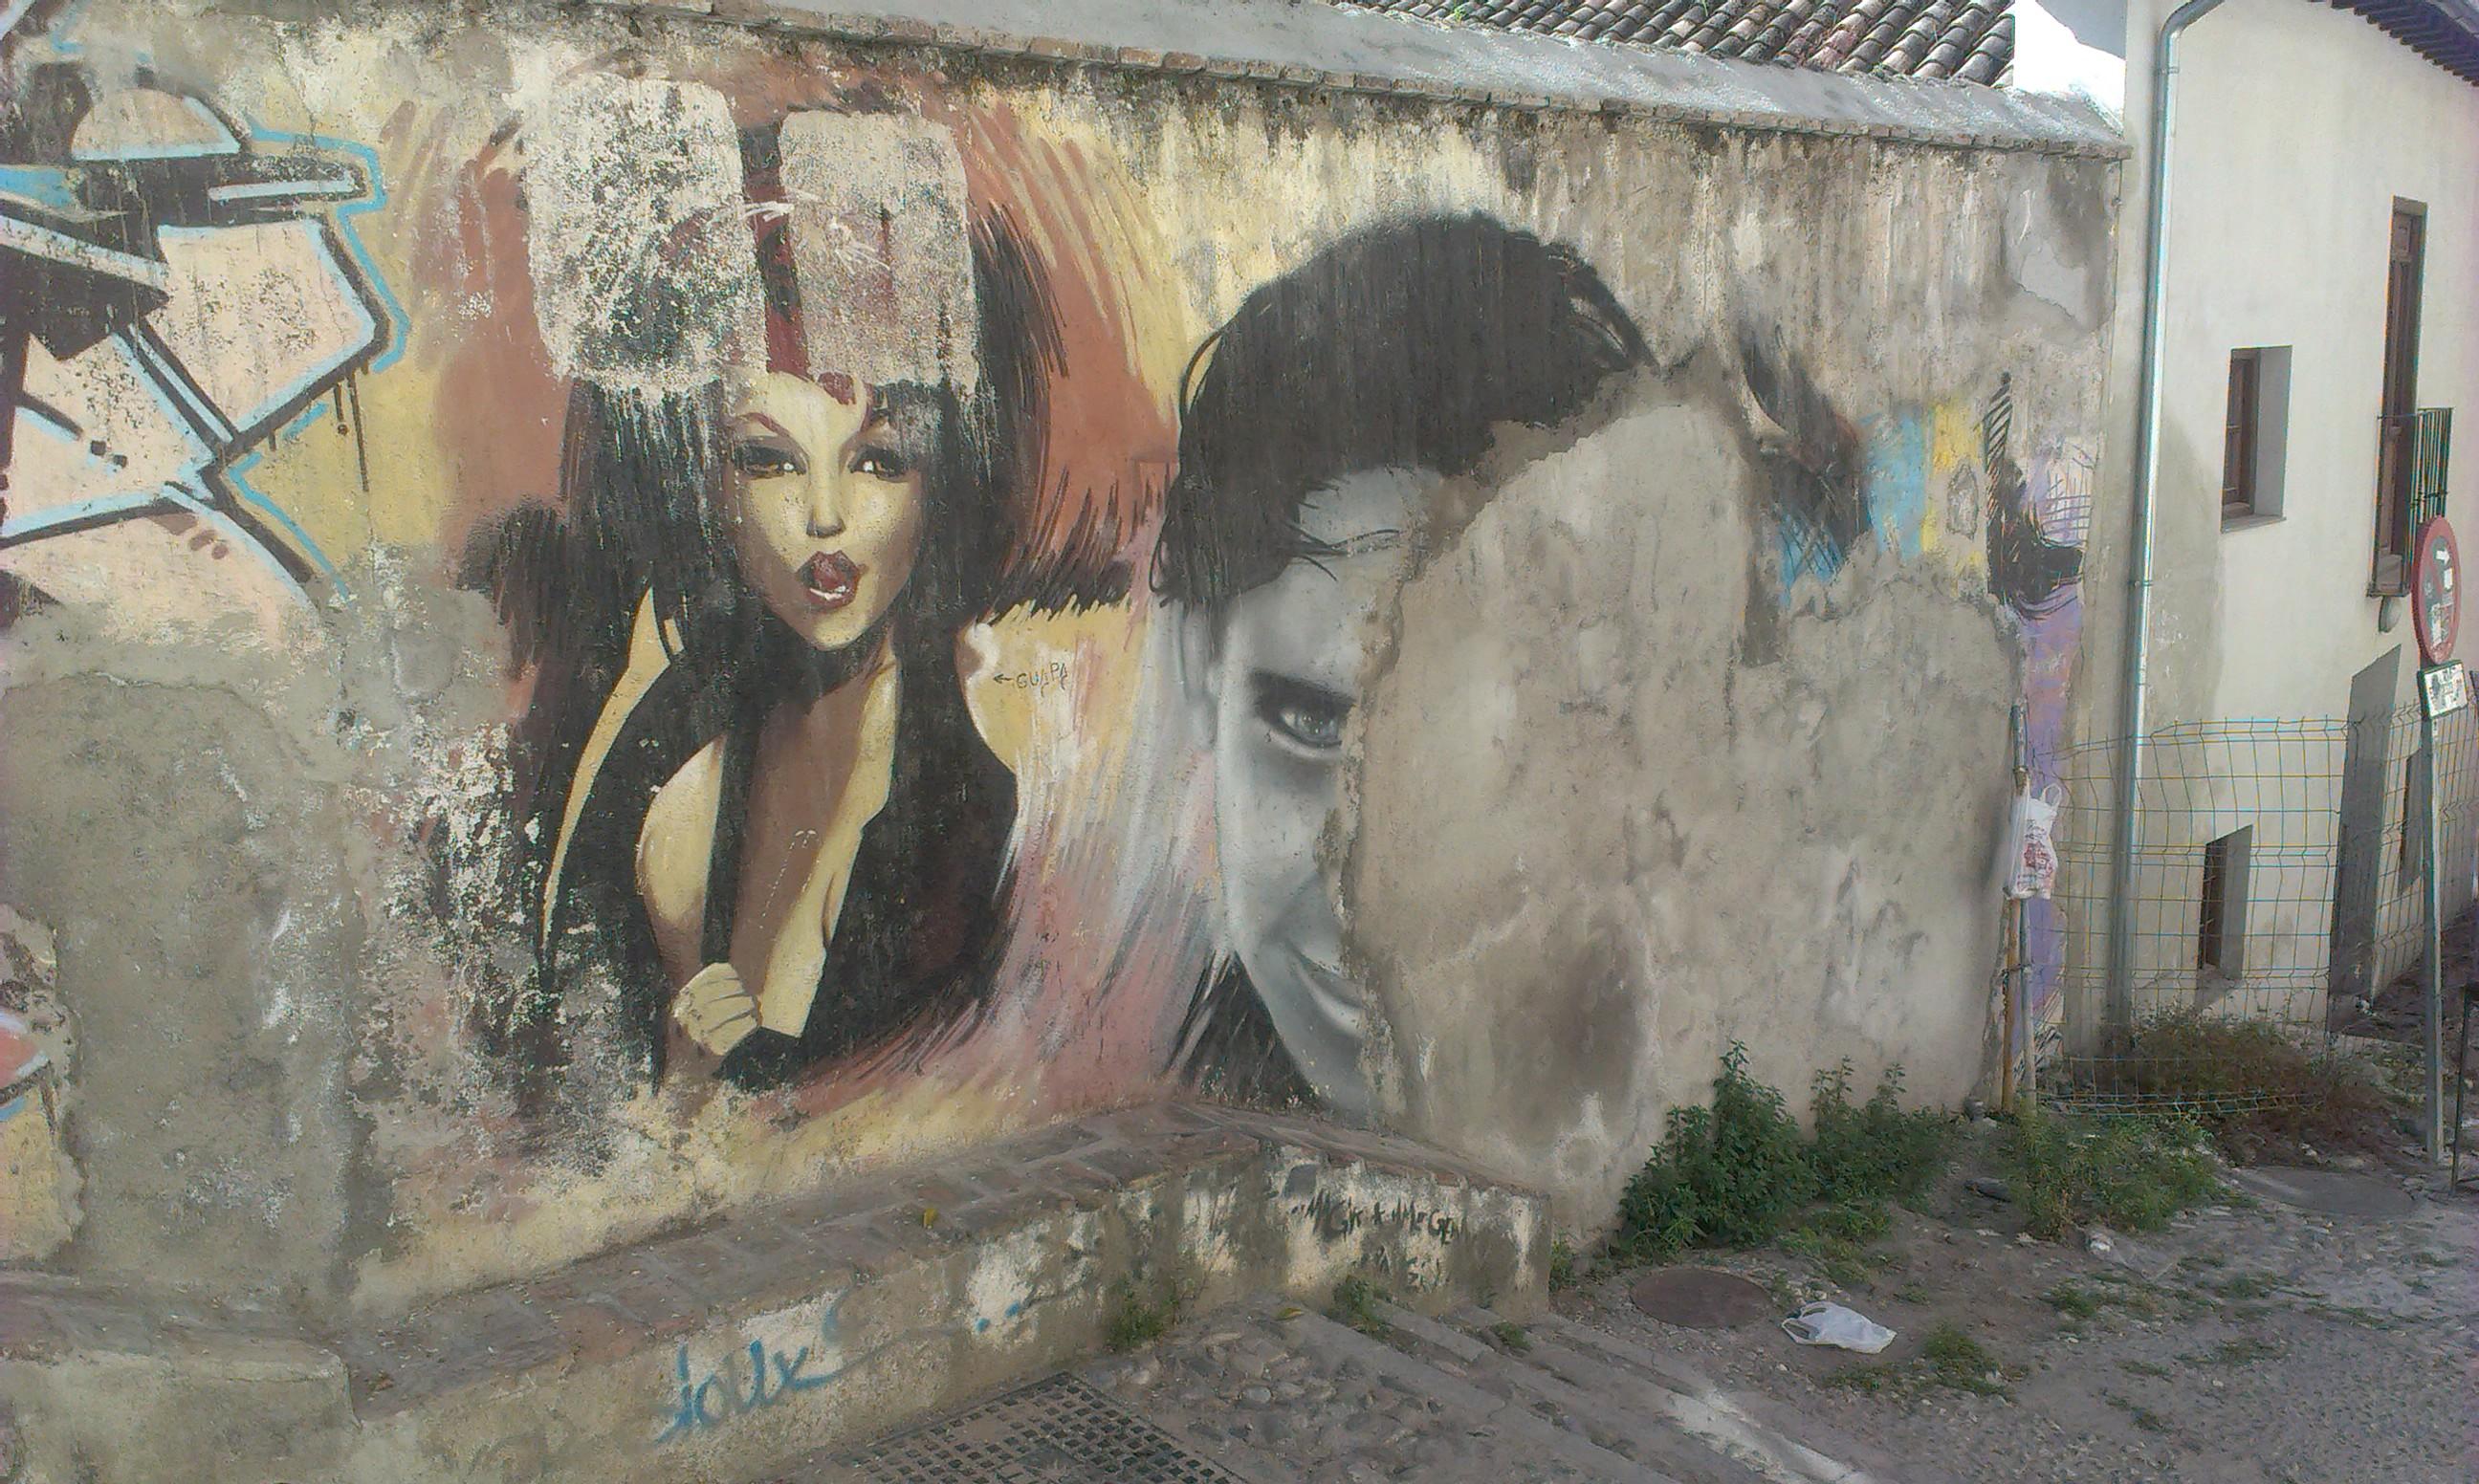 el niño de las pinturas, el niño, granada, art, graffiti, josh taylor